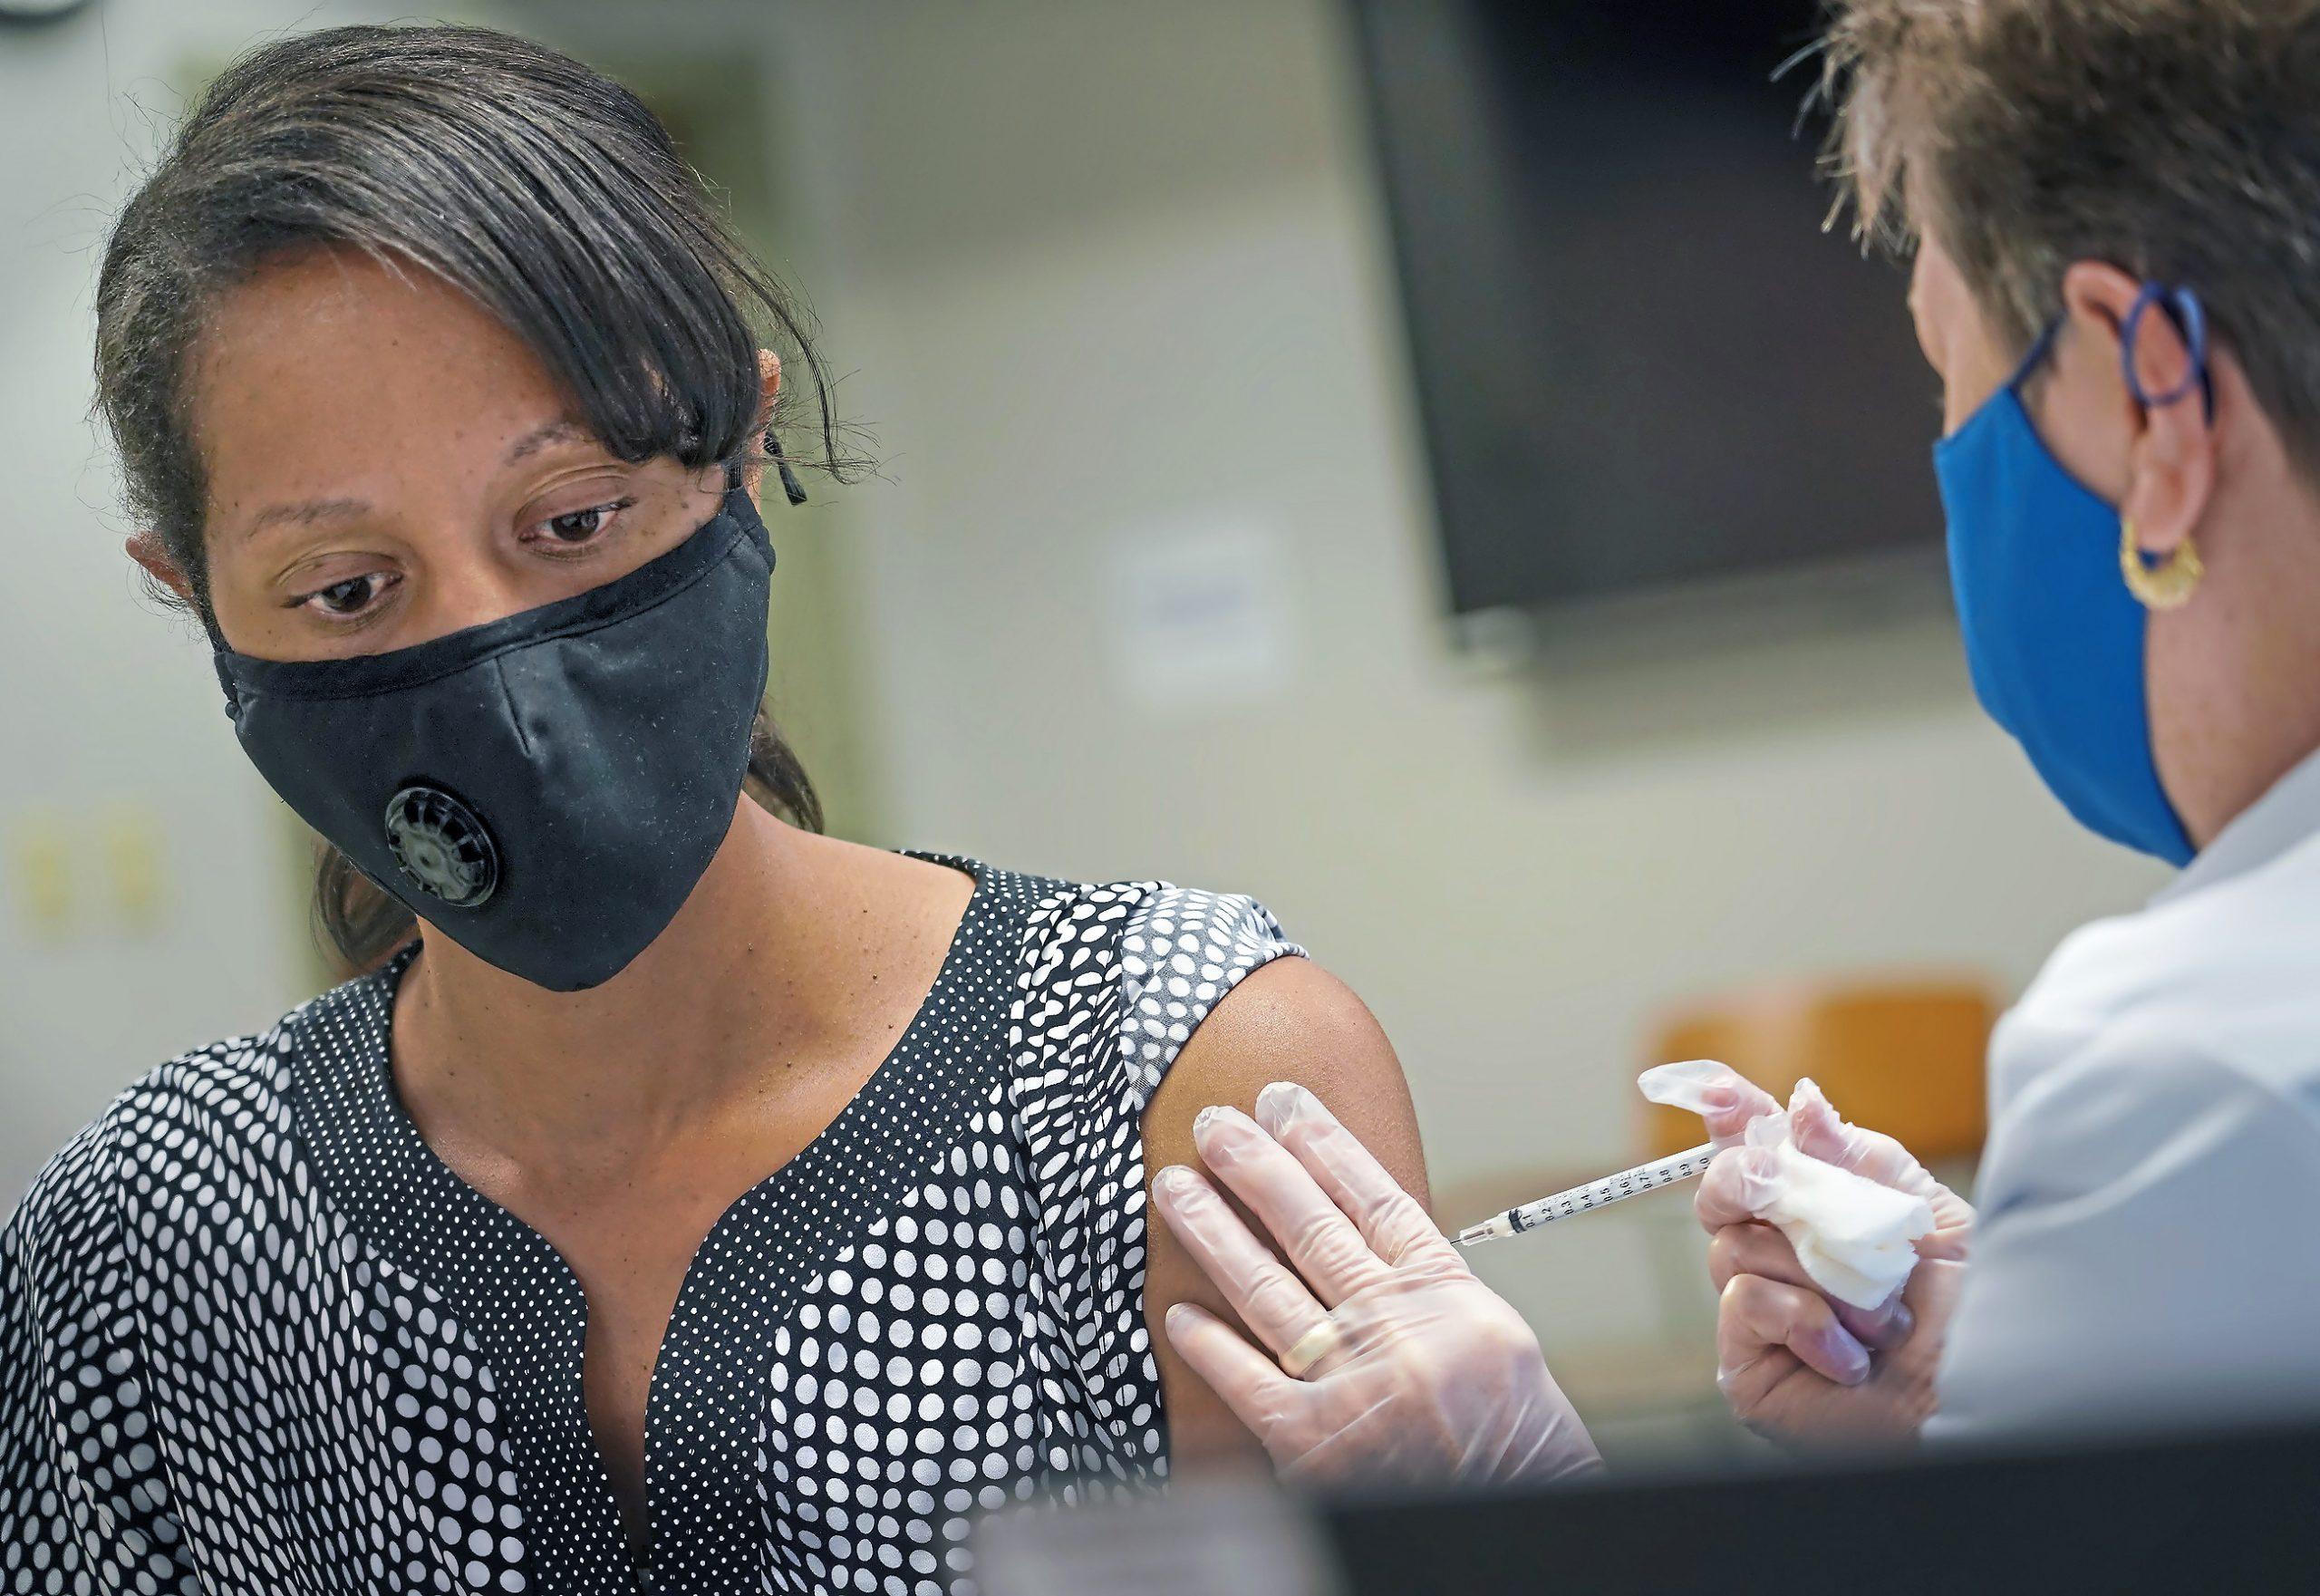 富裕国で進むブースター接種、専門家が語る倫理的問題点